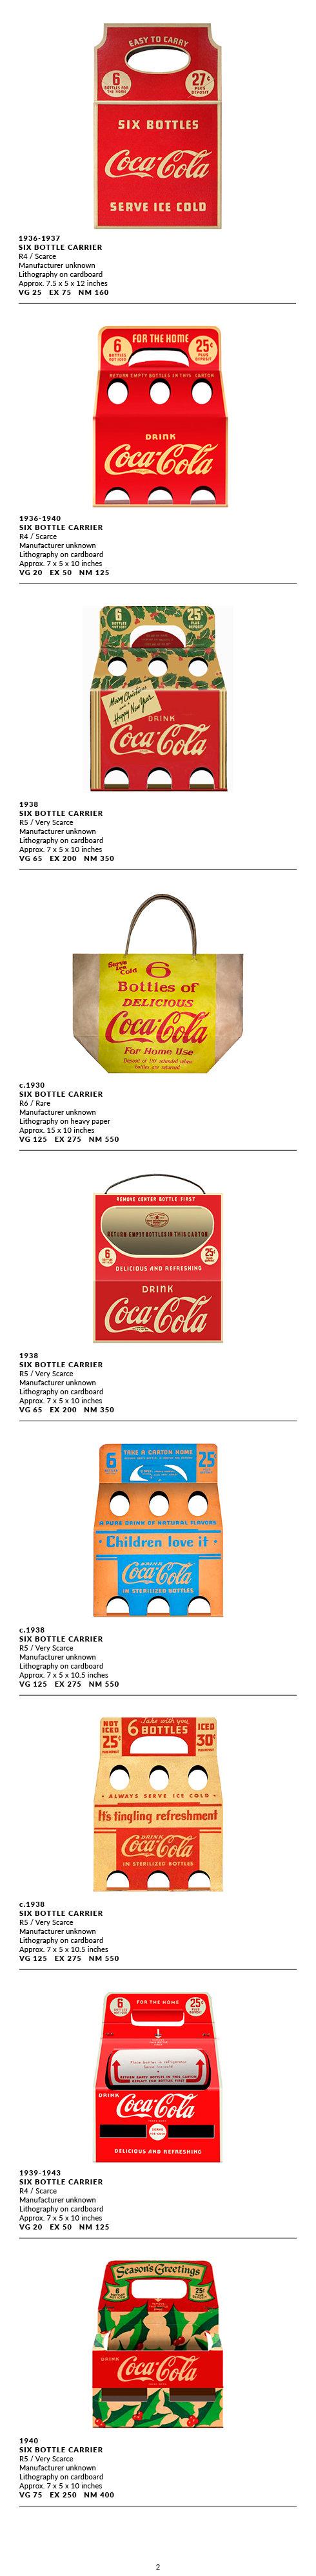 Cardboard Carriers2.jpg